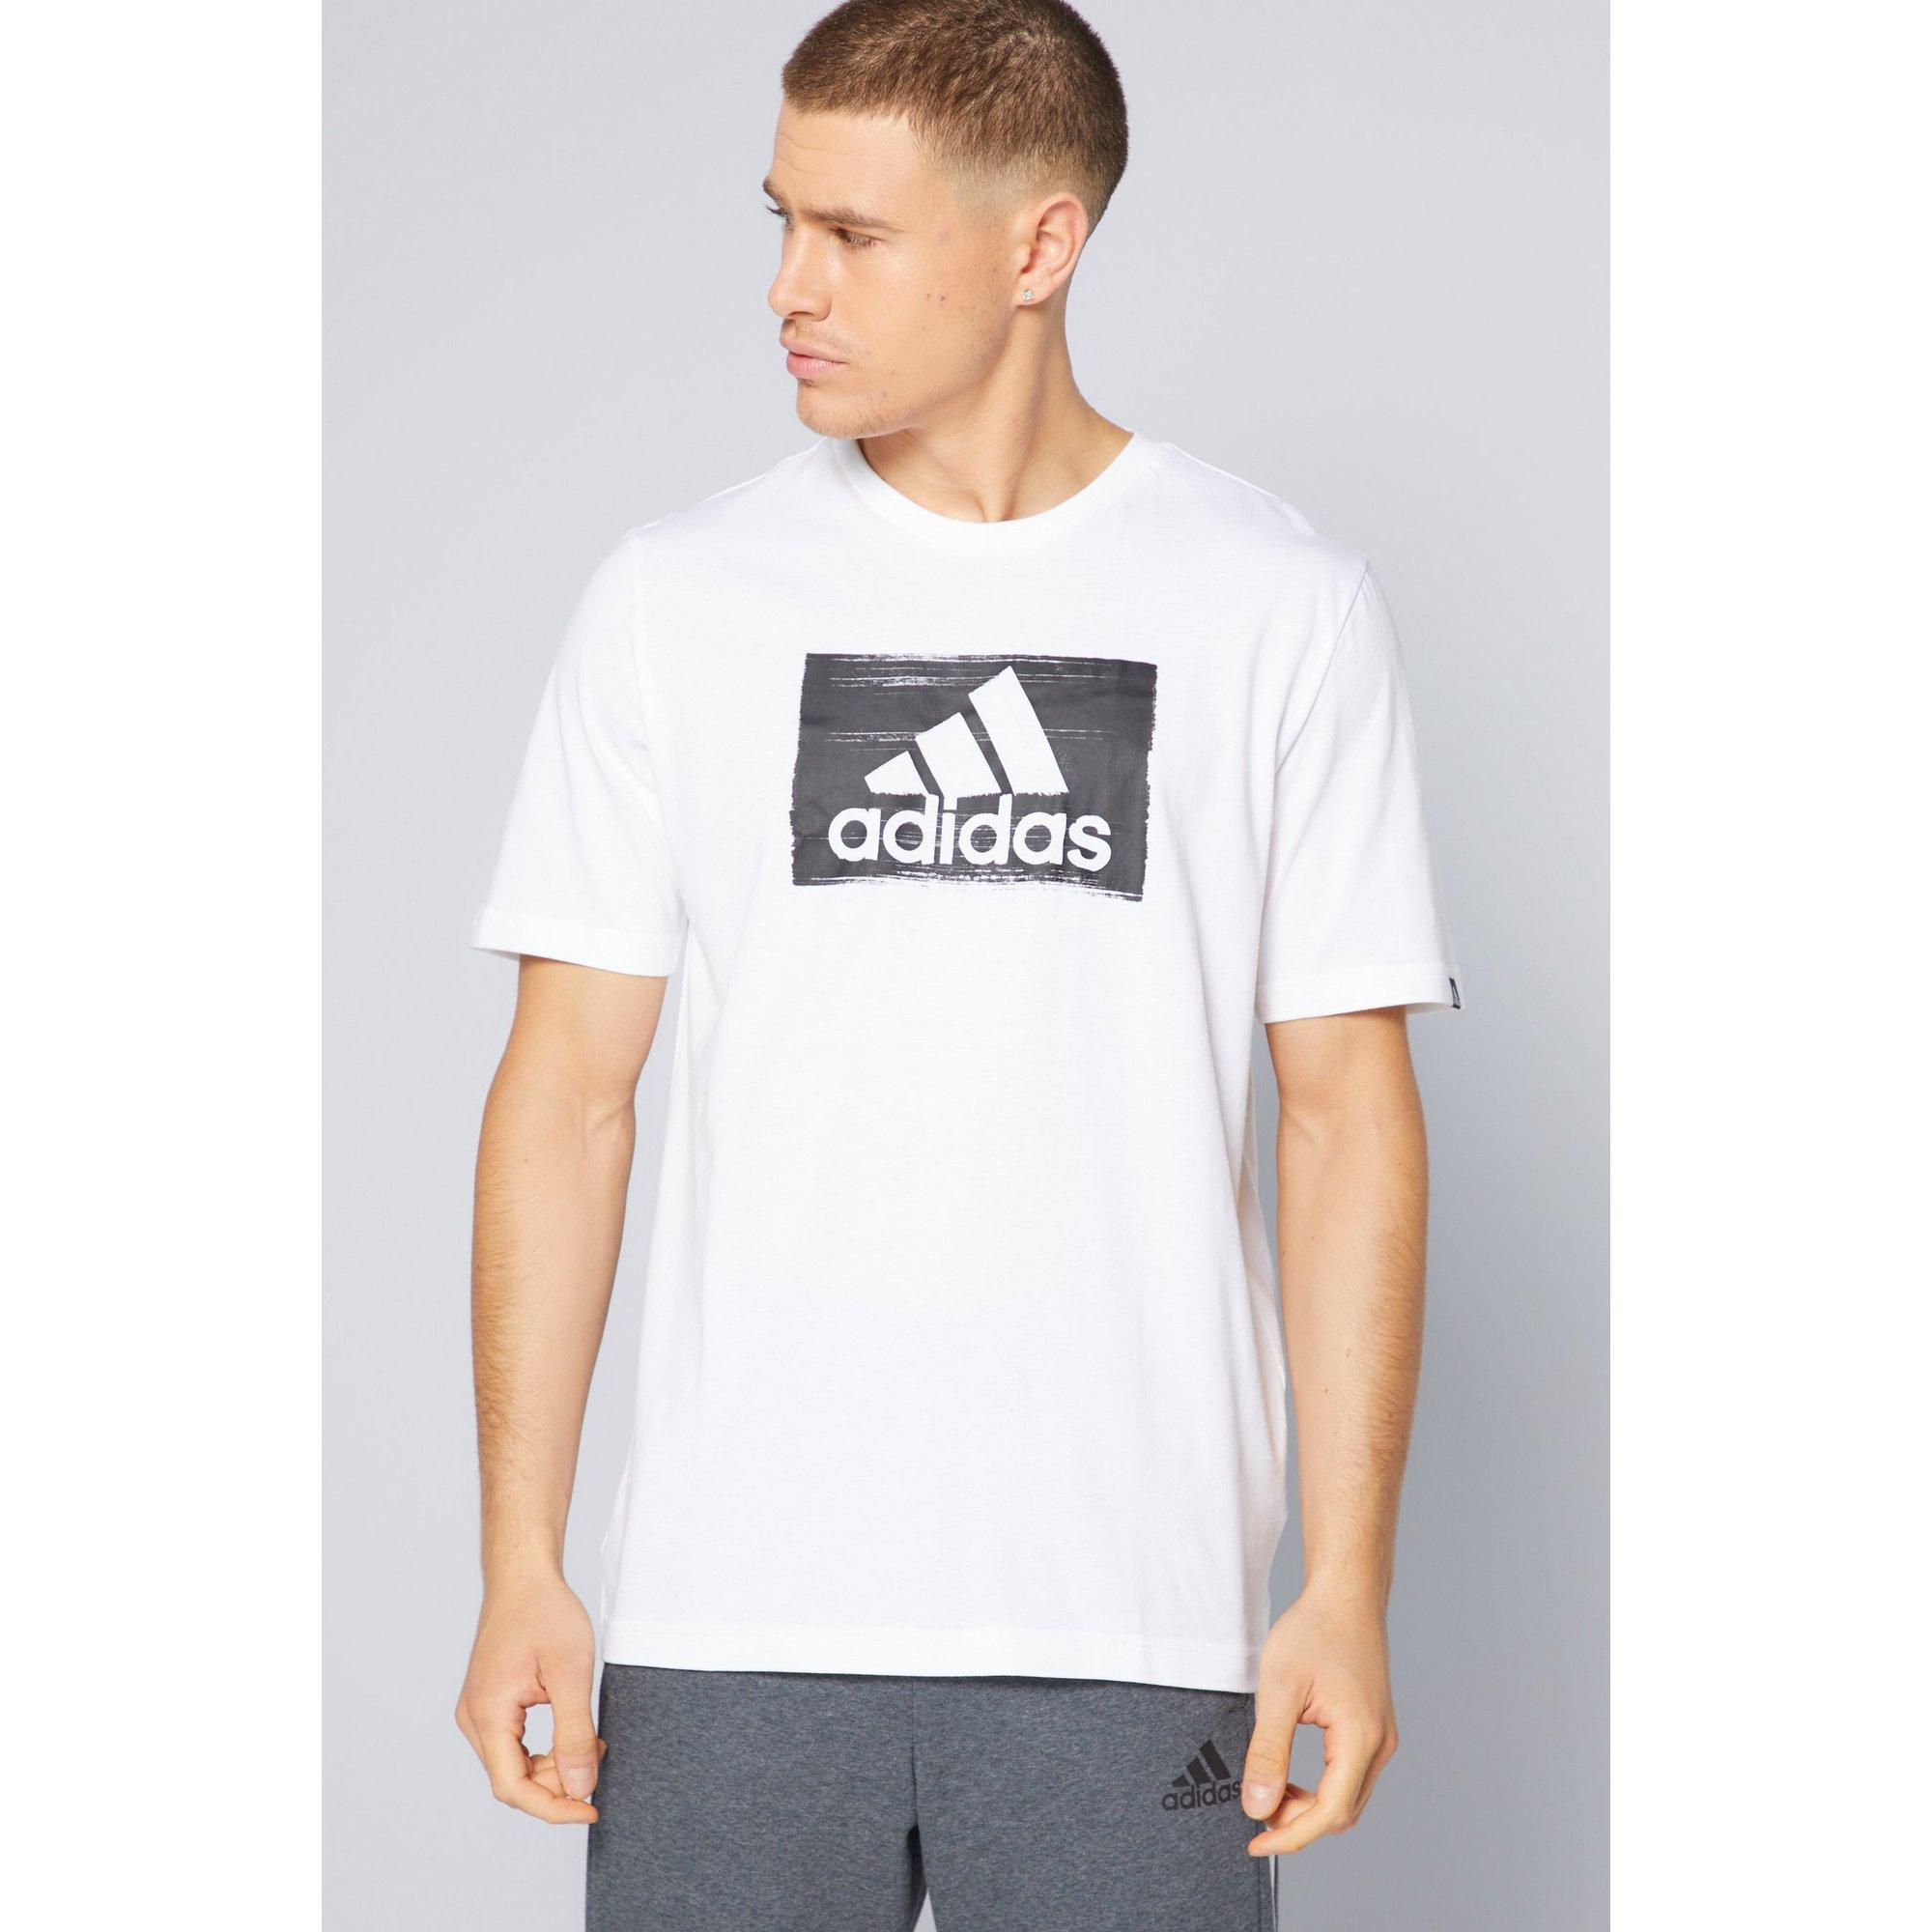 Image of adidas Brushstroke White T-Shirt